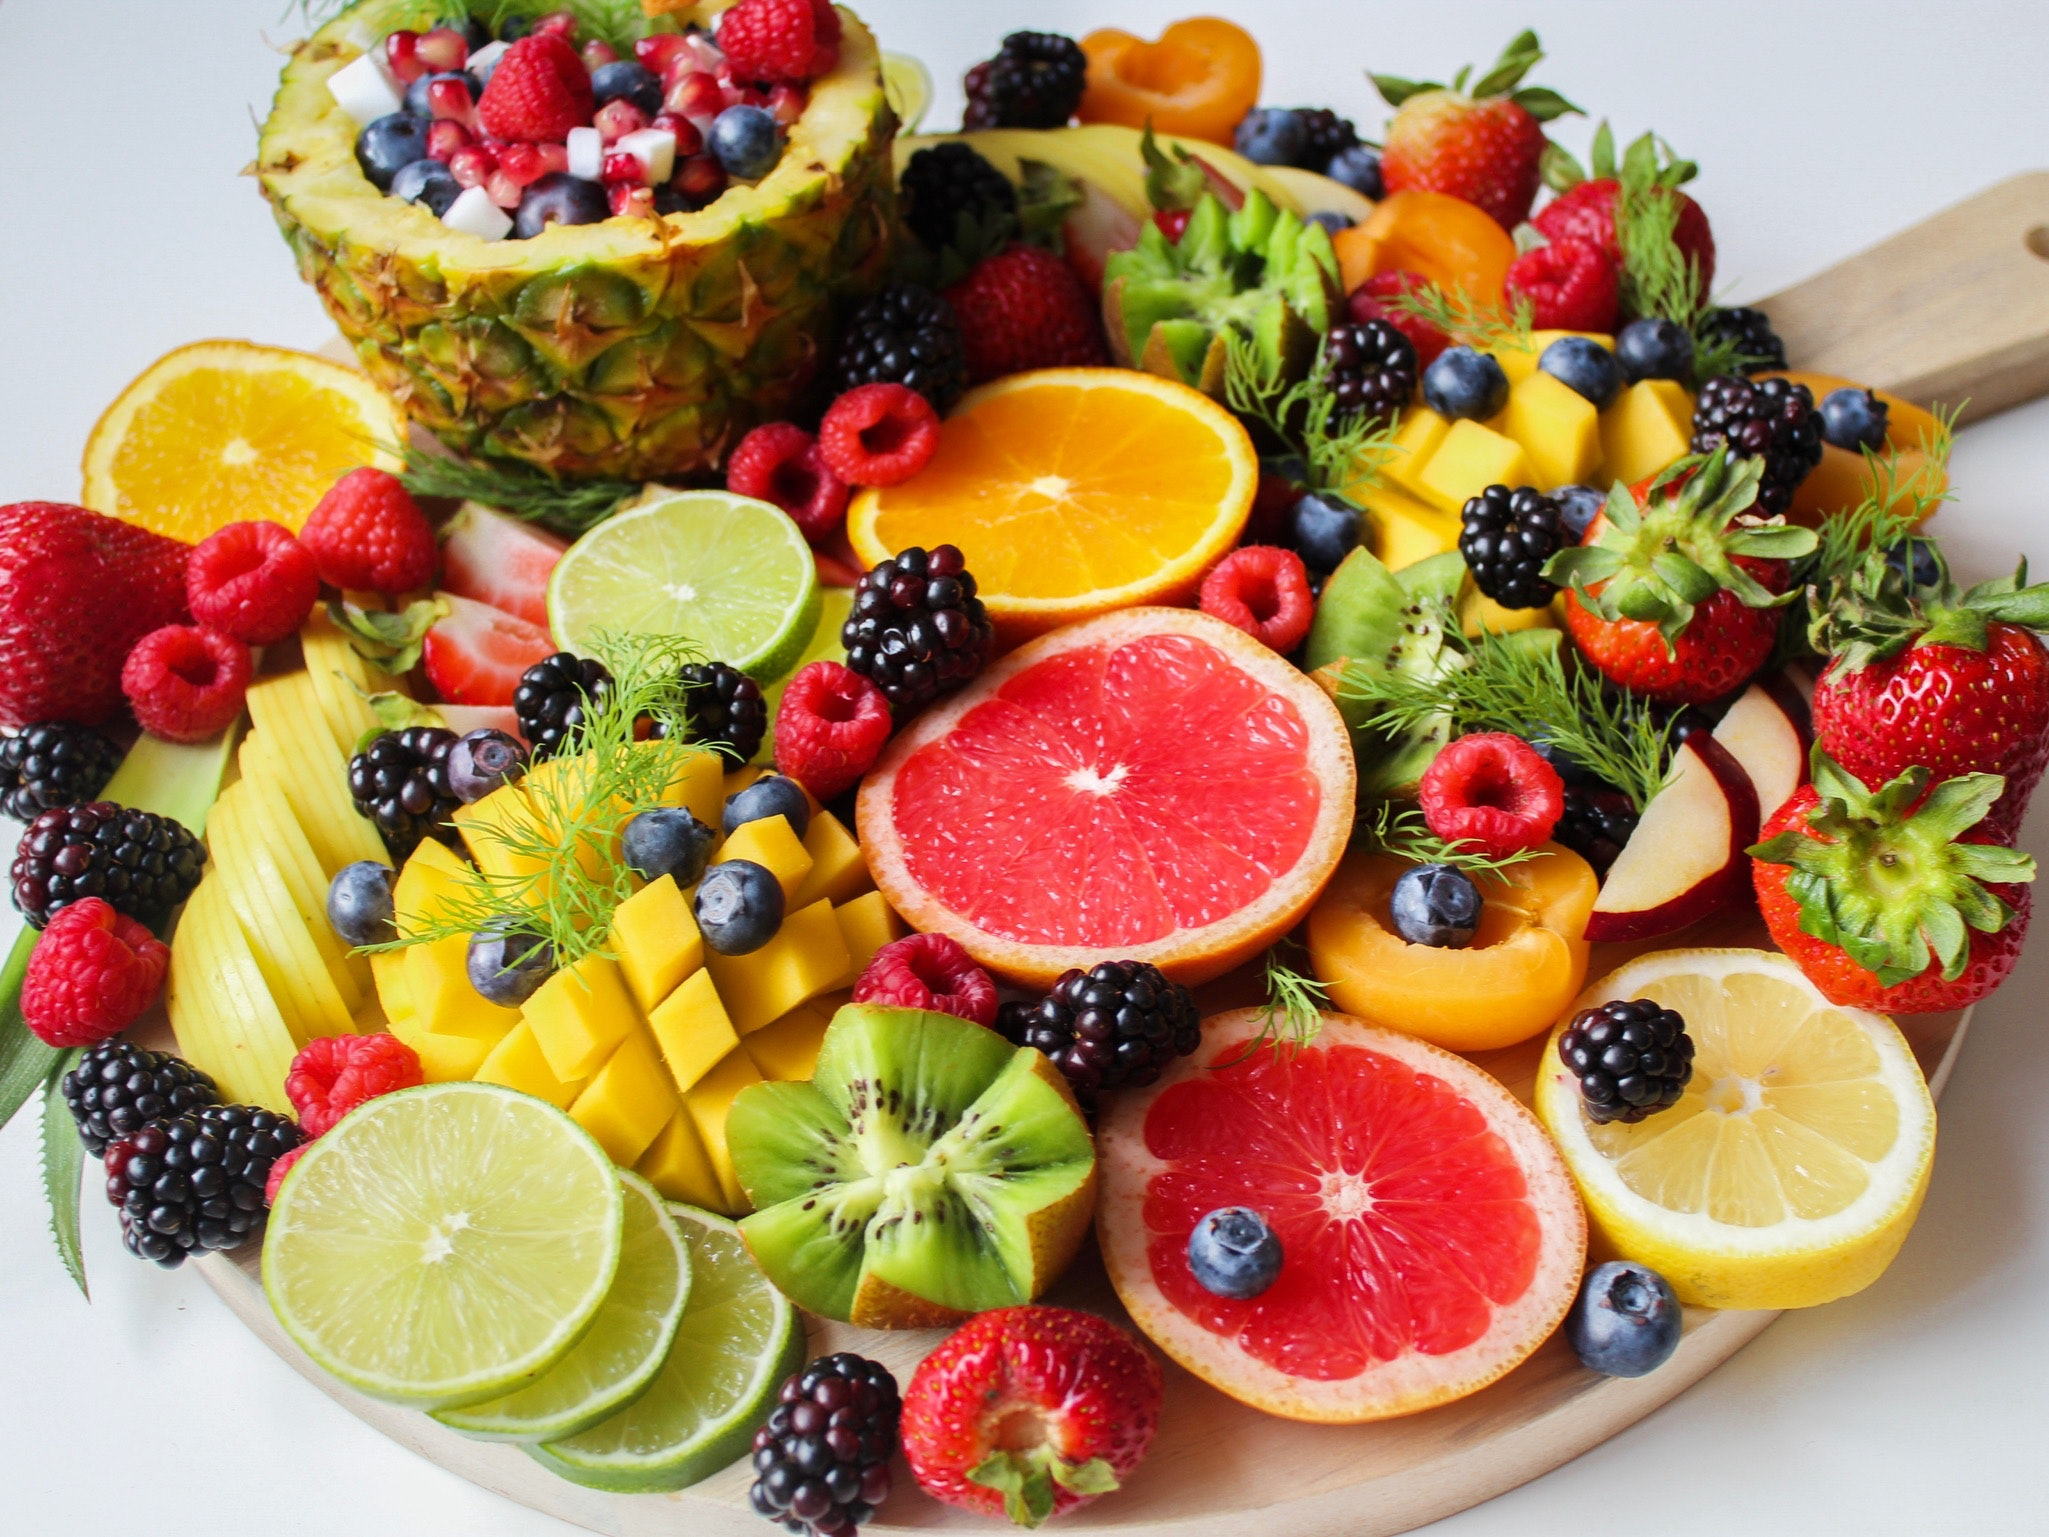 21 astuces pour manger sainement tout en économisant